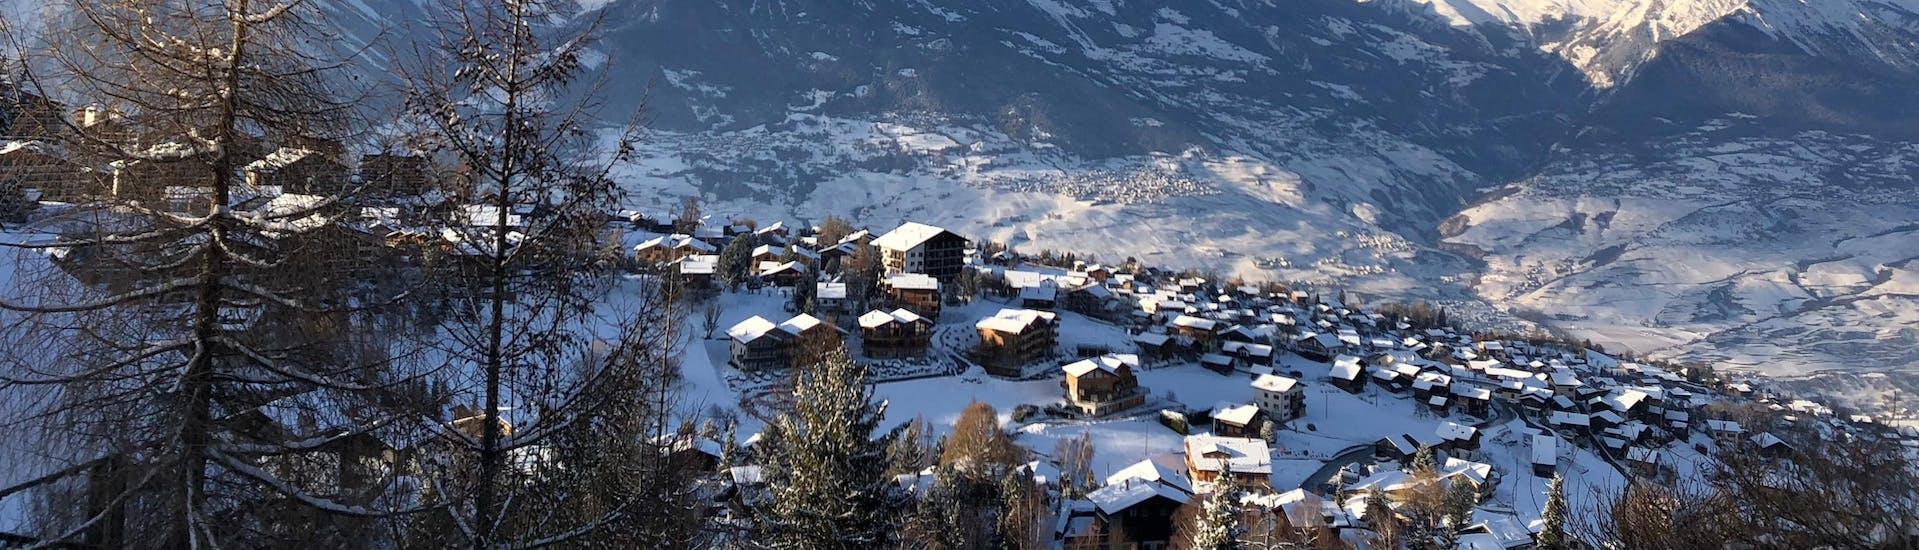 Une vue aérienne de la station de ski de Siviez, une destination populaire en Suisse romande, où les visiteurs peuvent réserver des cours de ski avec une des écoles de ski locales.